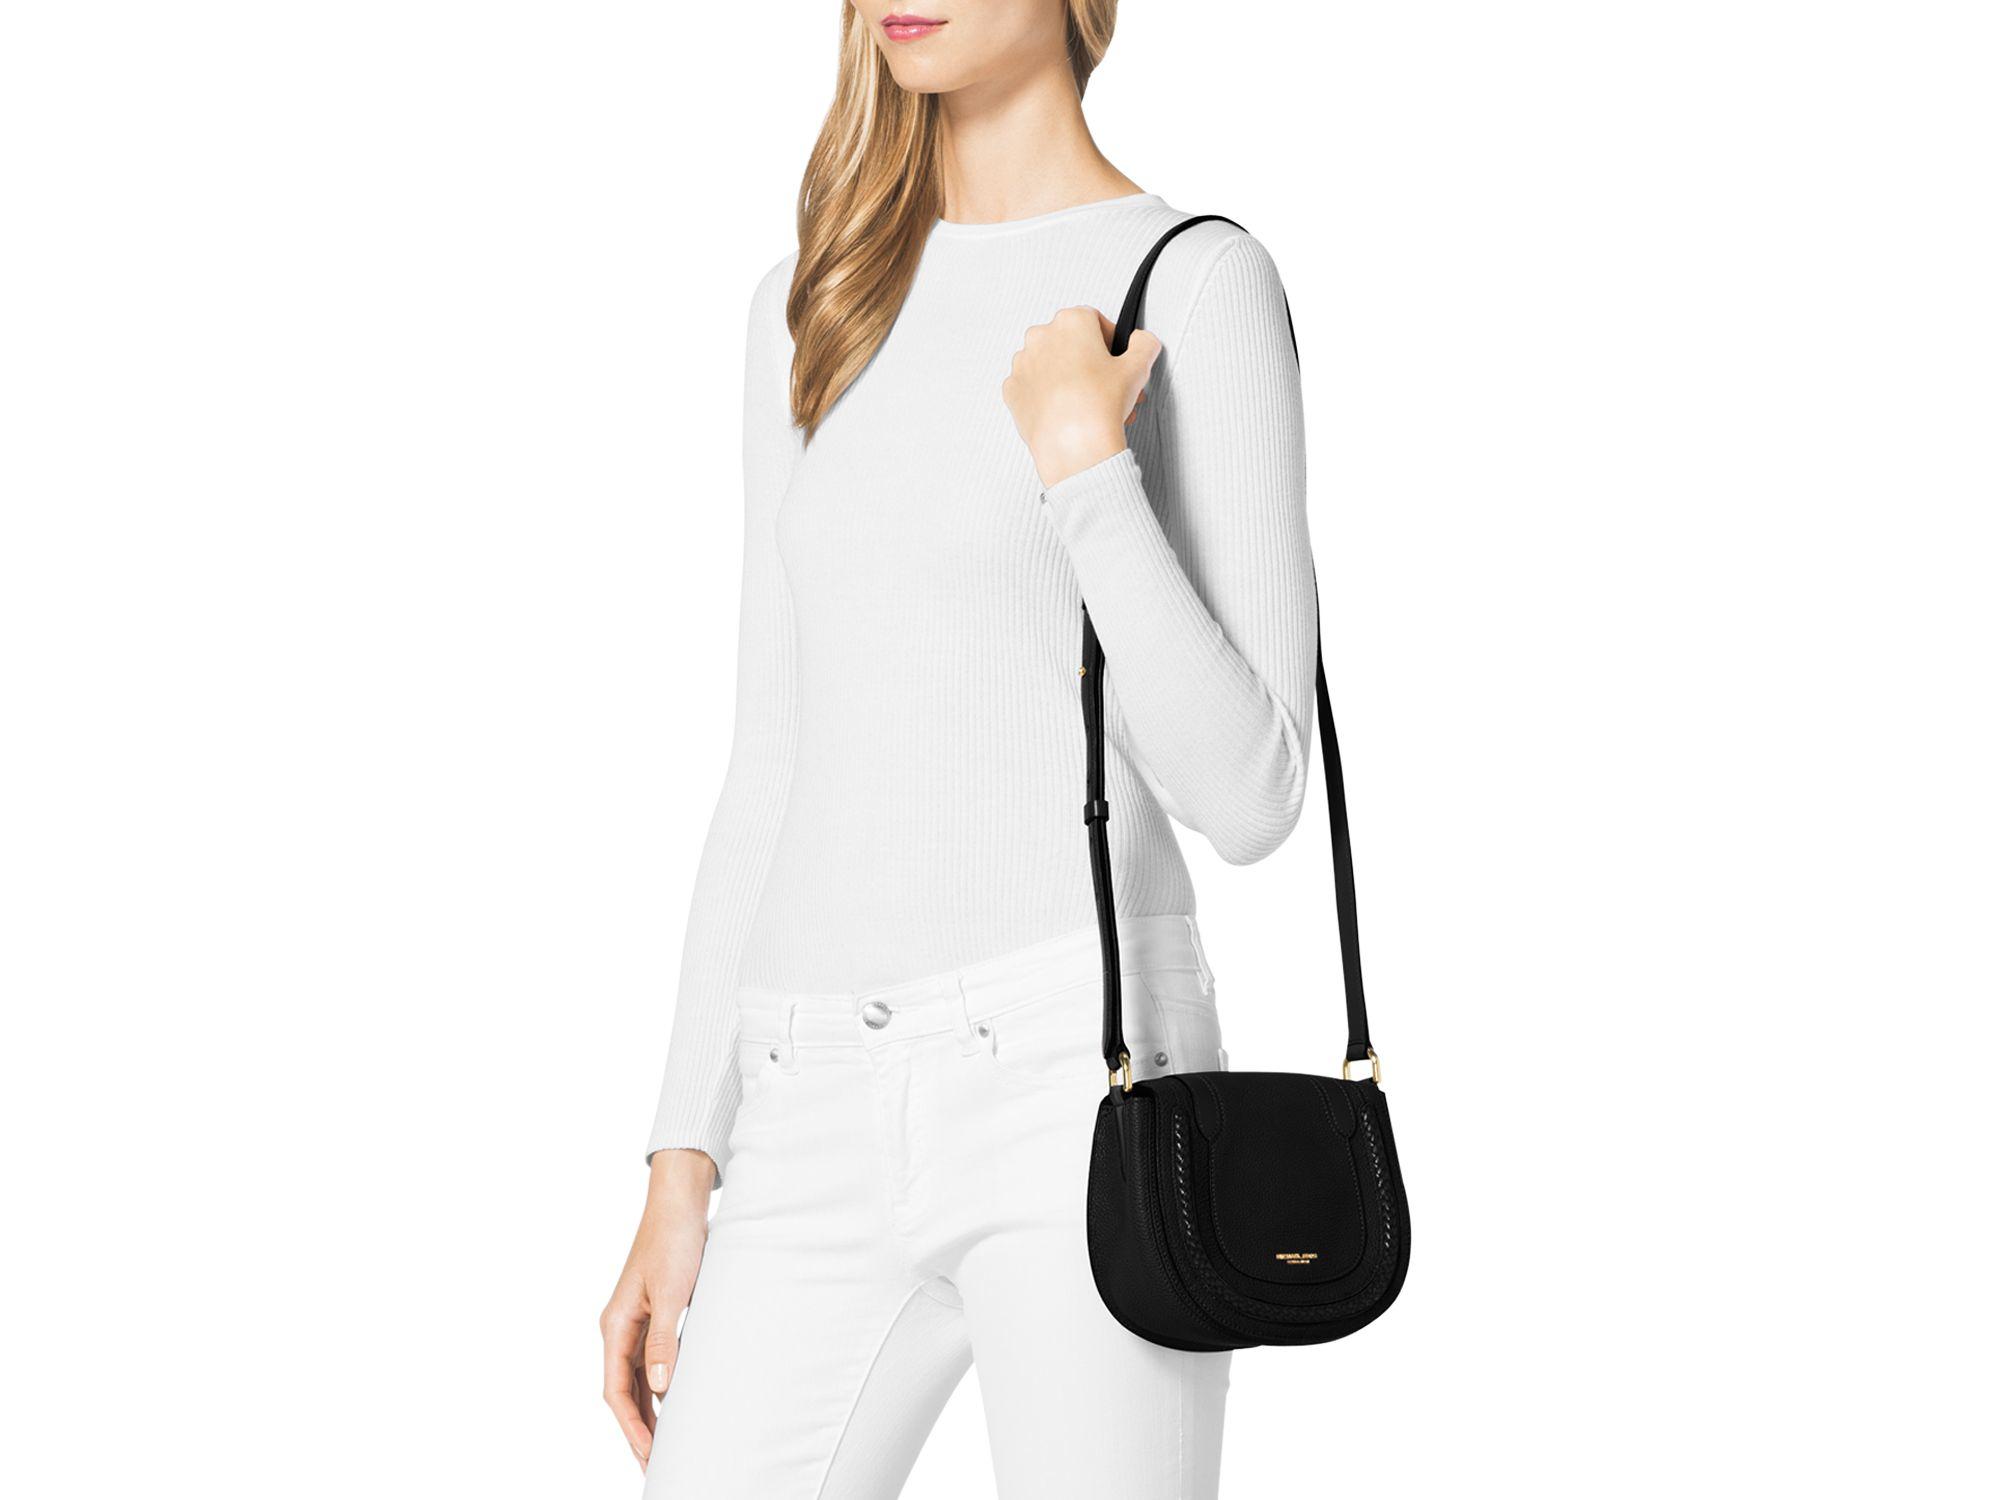 d0f2d830674d inexpensive michael kors skorpios small shoulder flap bag zone 70f98 ...